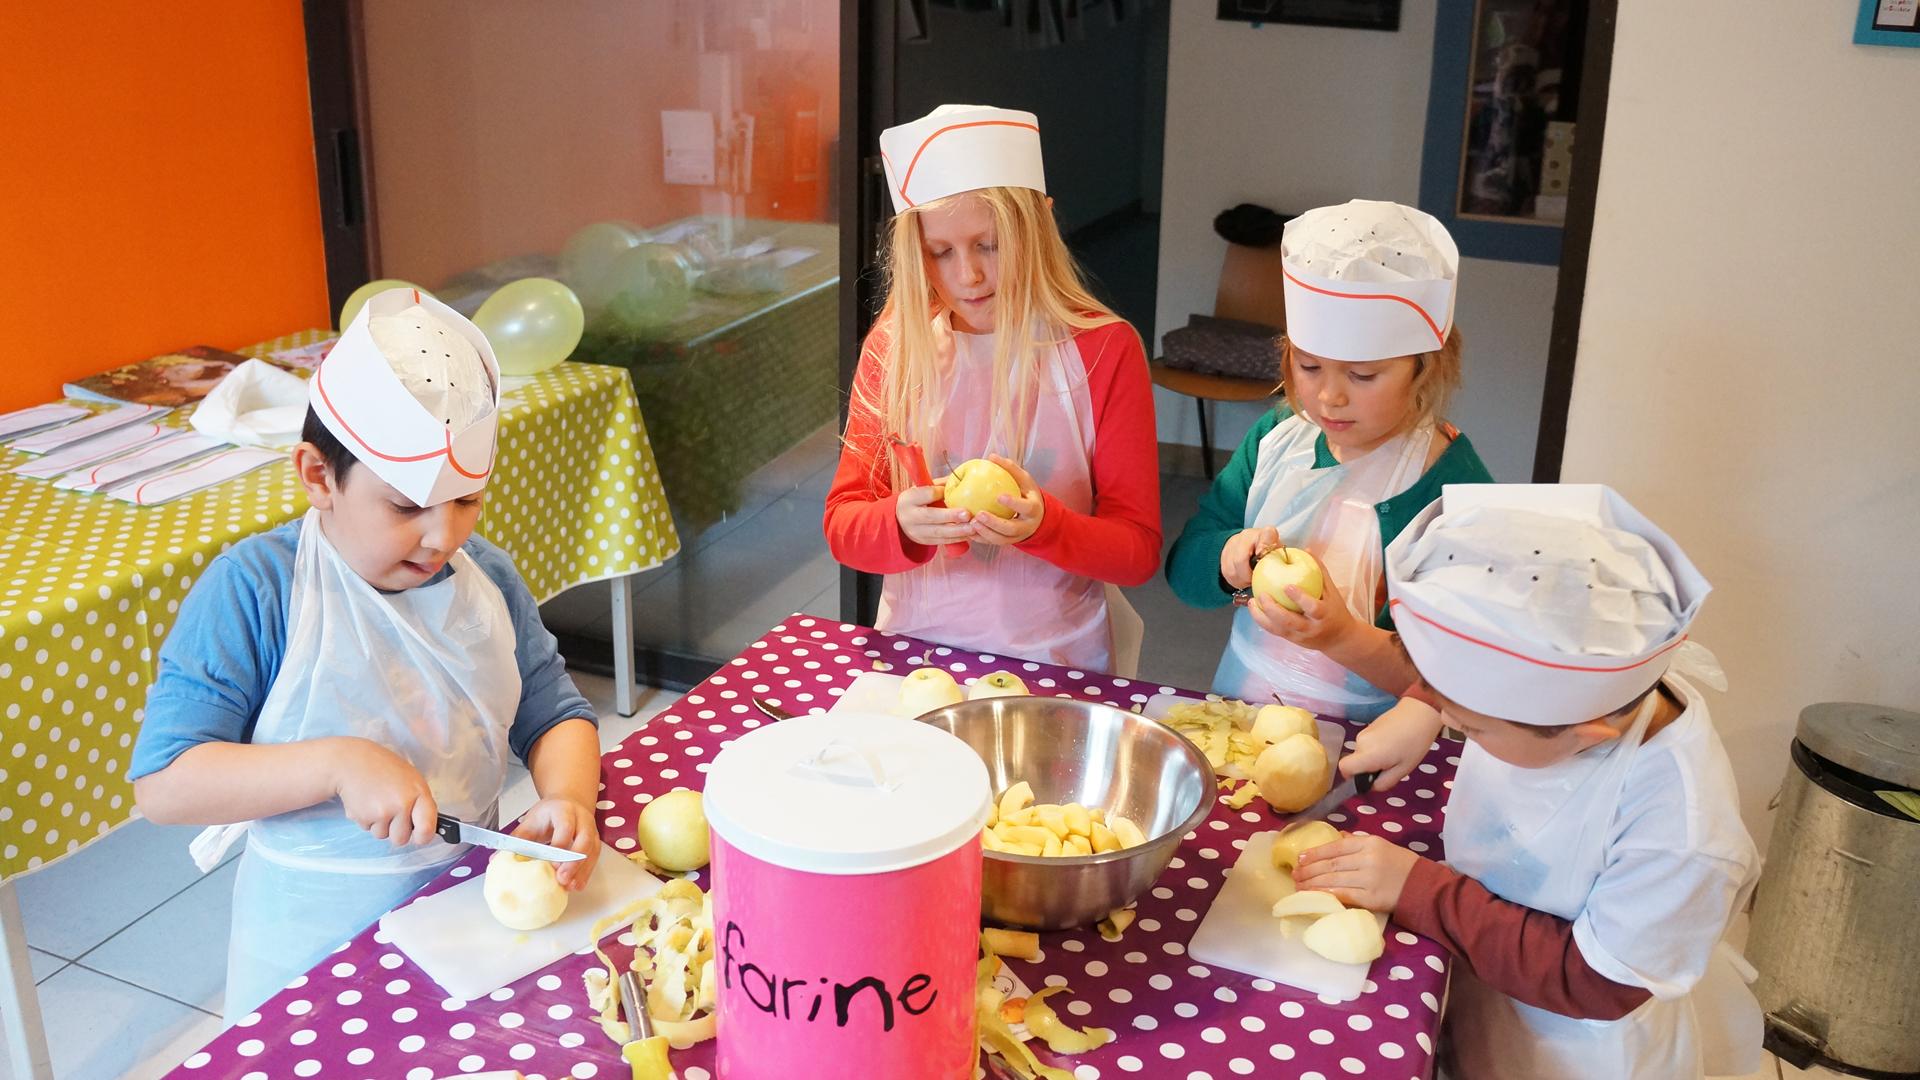 Les ptits cuistots la cuisine de nadjette - Les enfants en cuisine ...